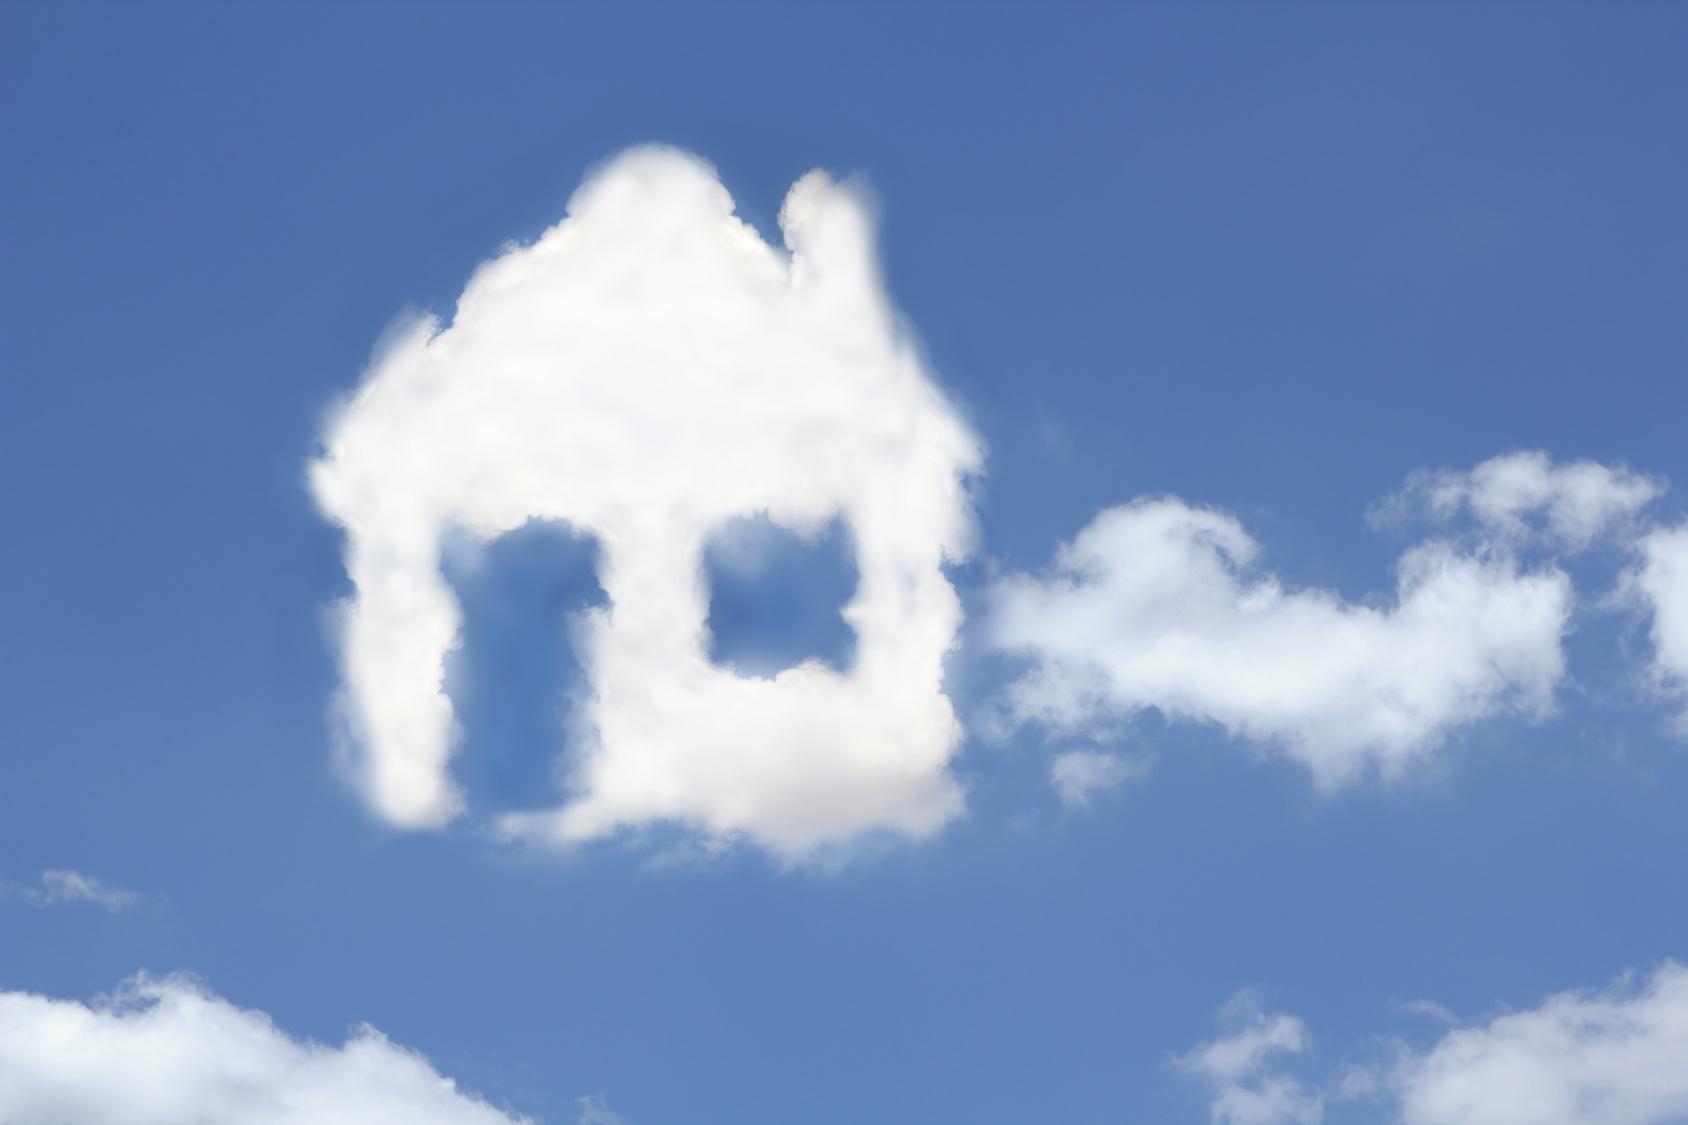 Wolken die ein Haus formen